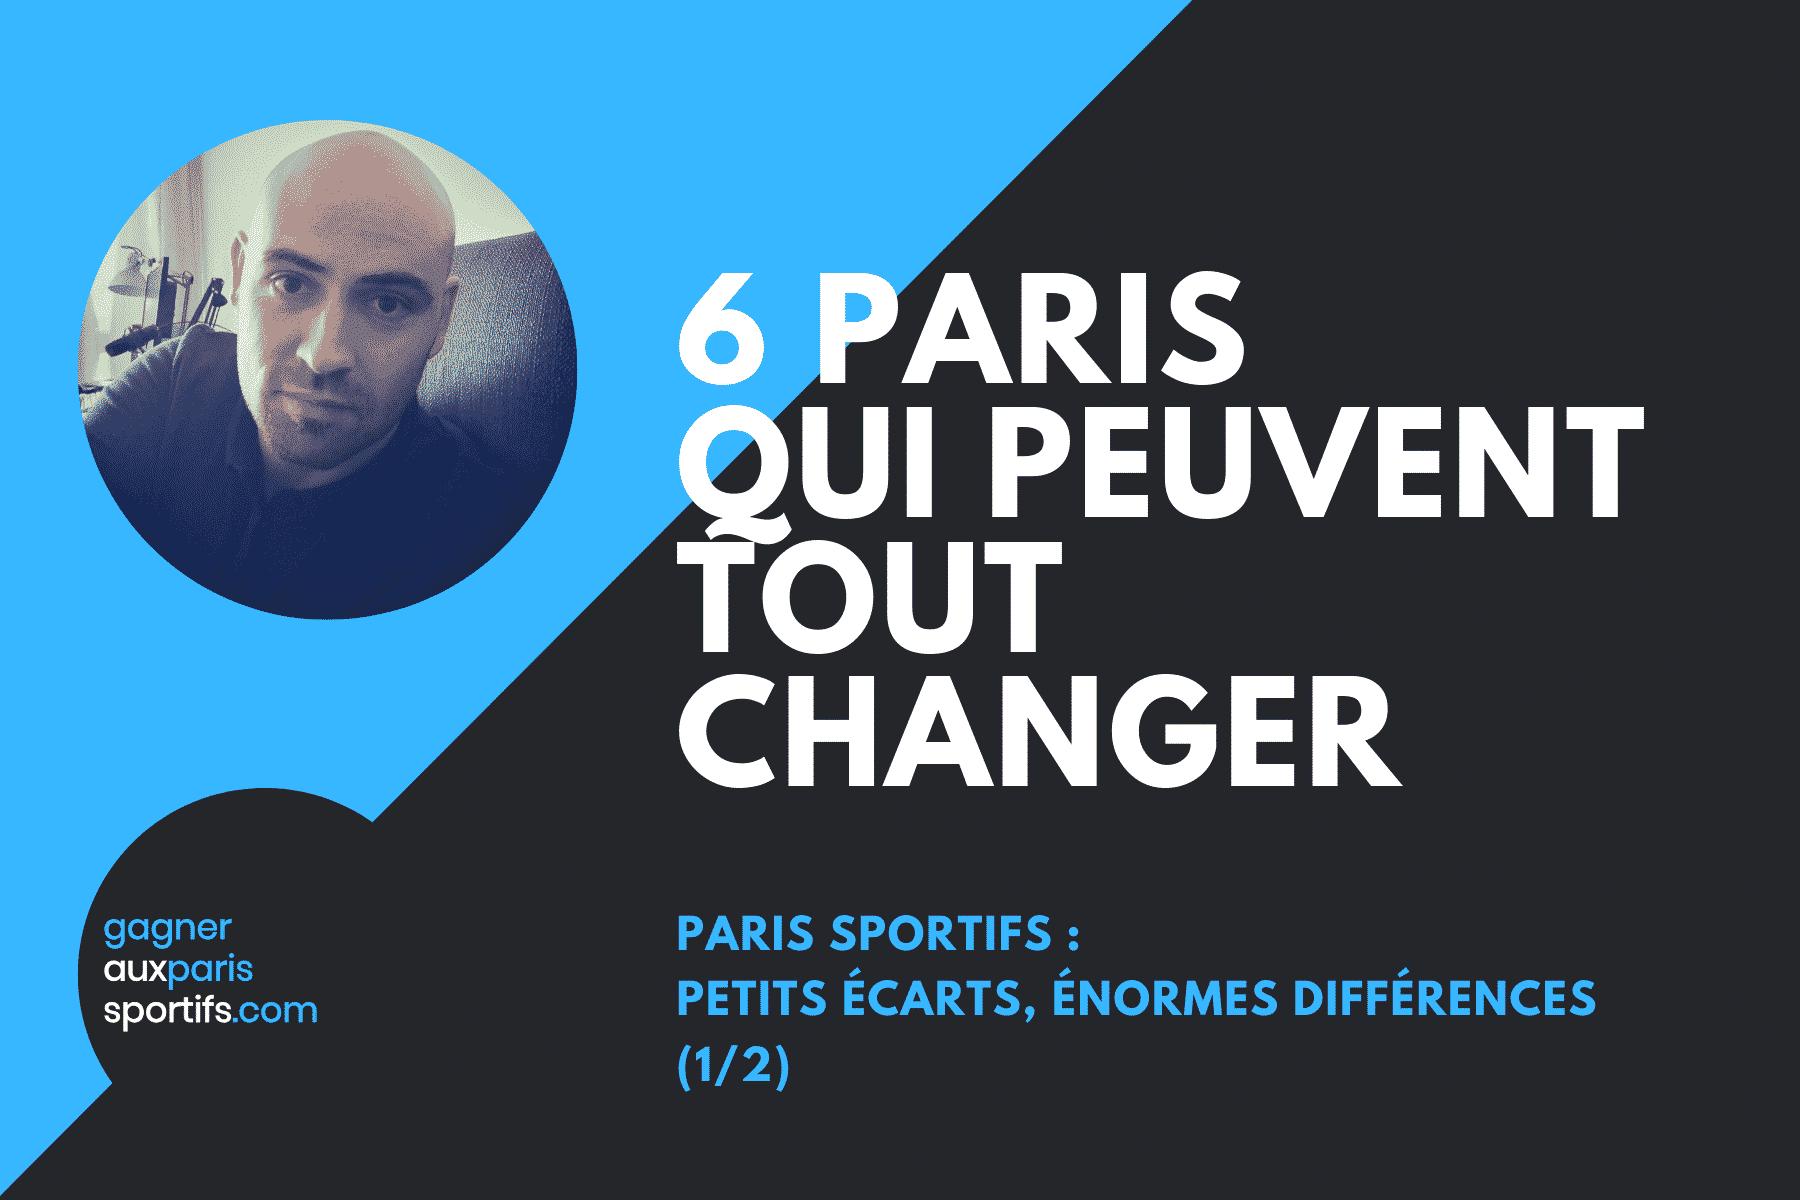 Paris-sportifs-6-paris-qui-peuvent-tout-changer.png